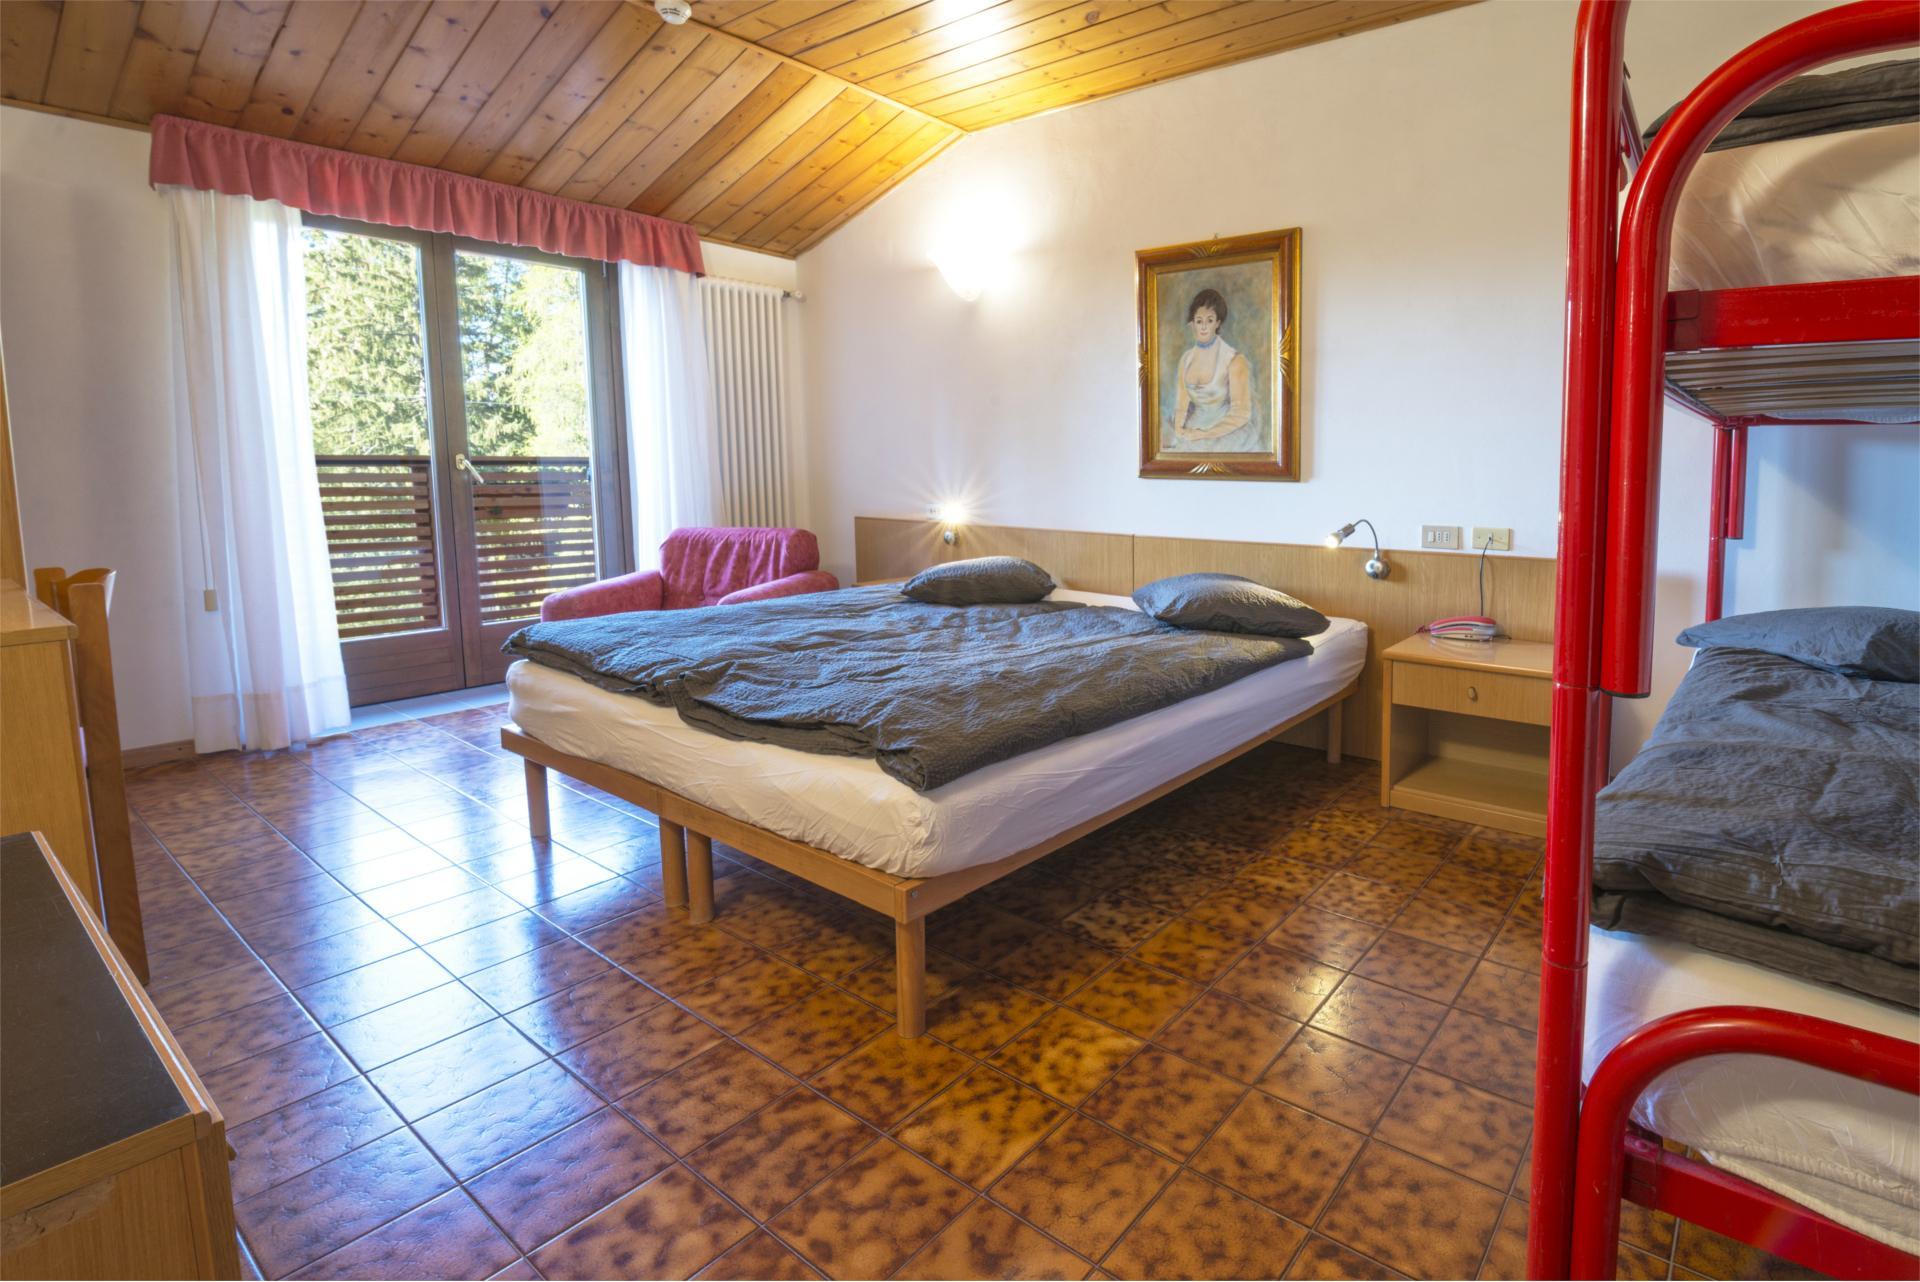 Le stanze - Stanze da letto usate ...